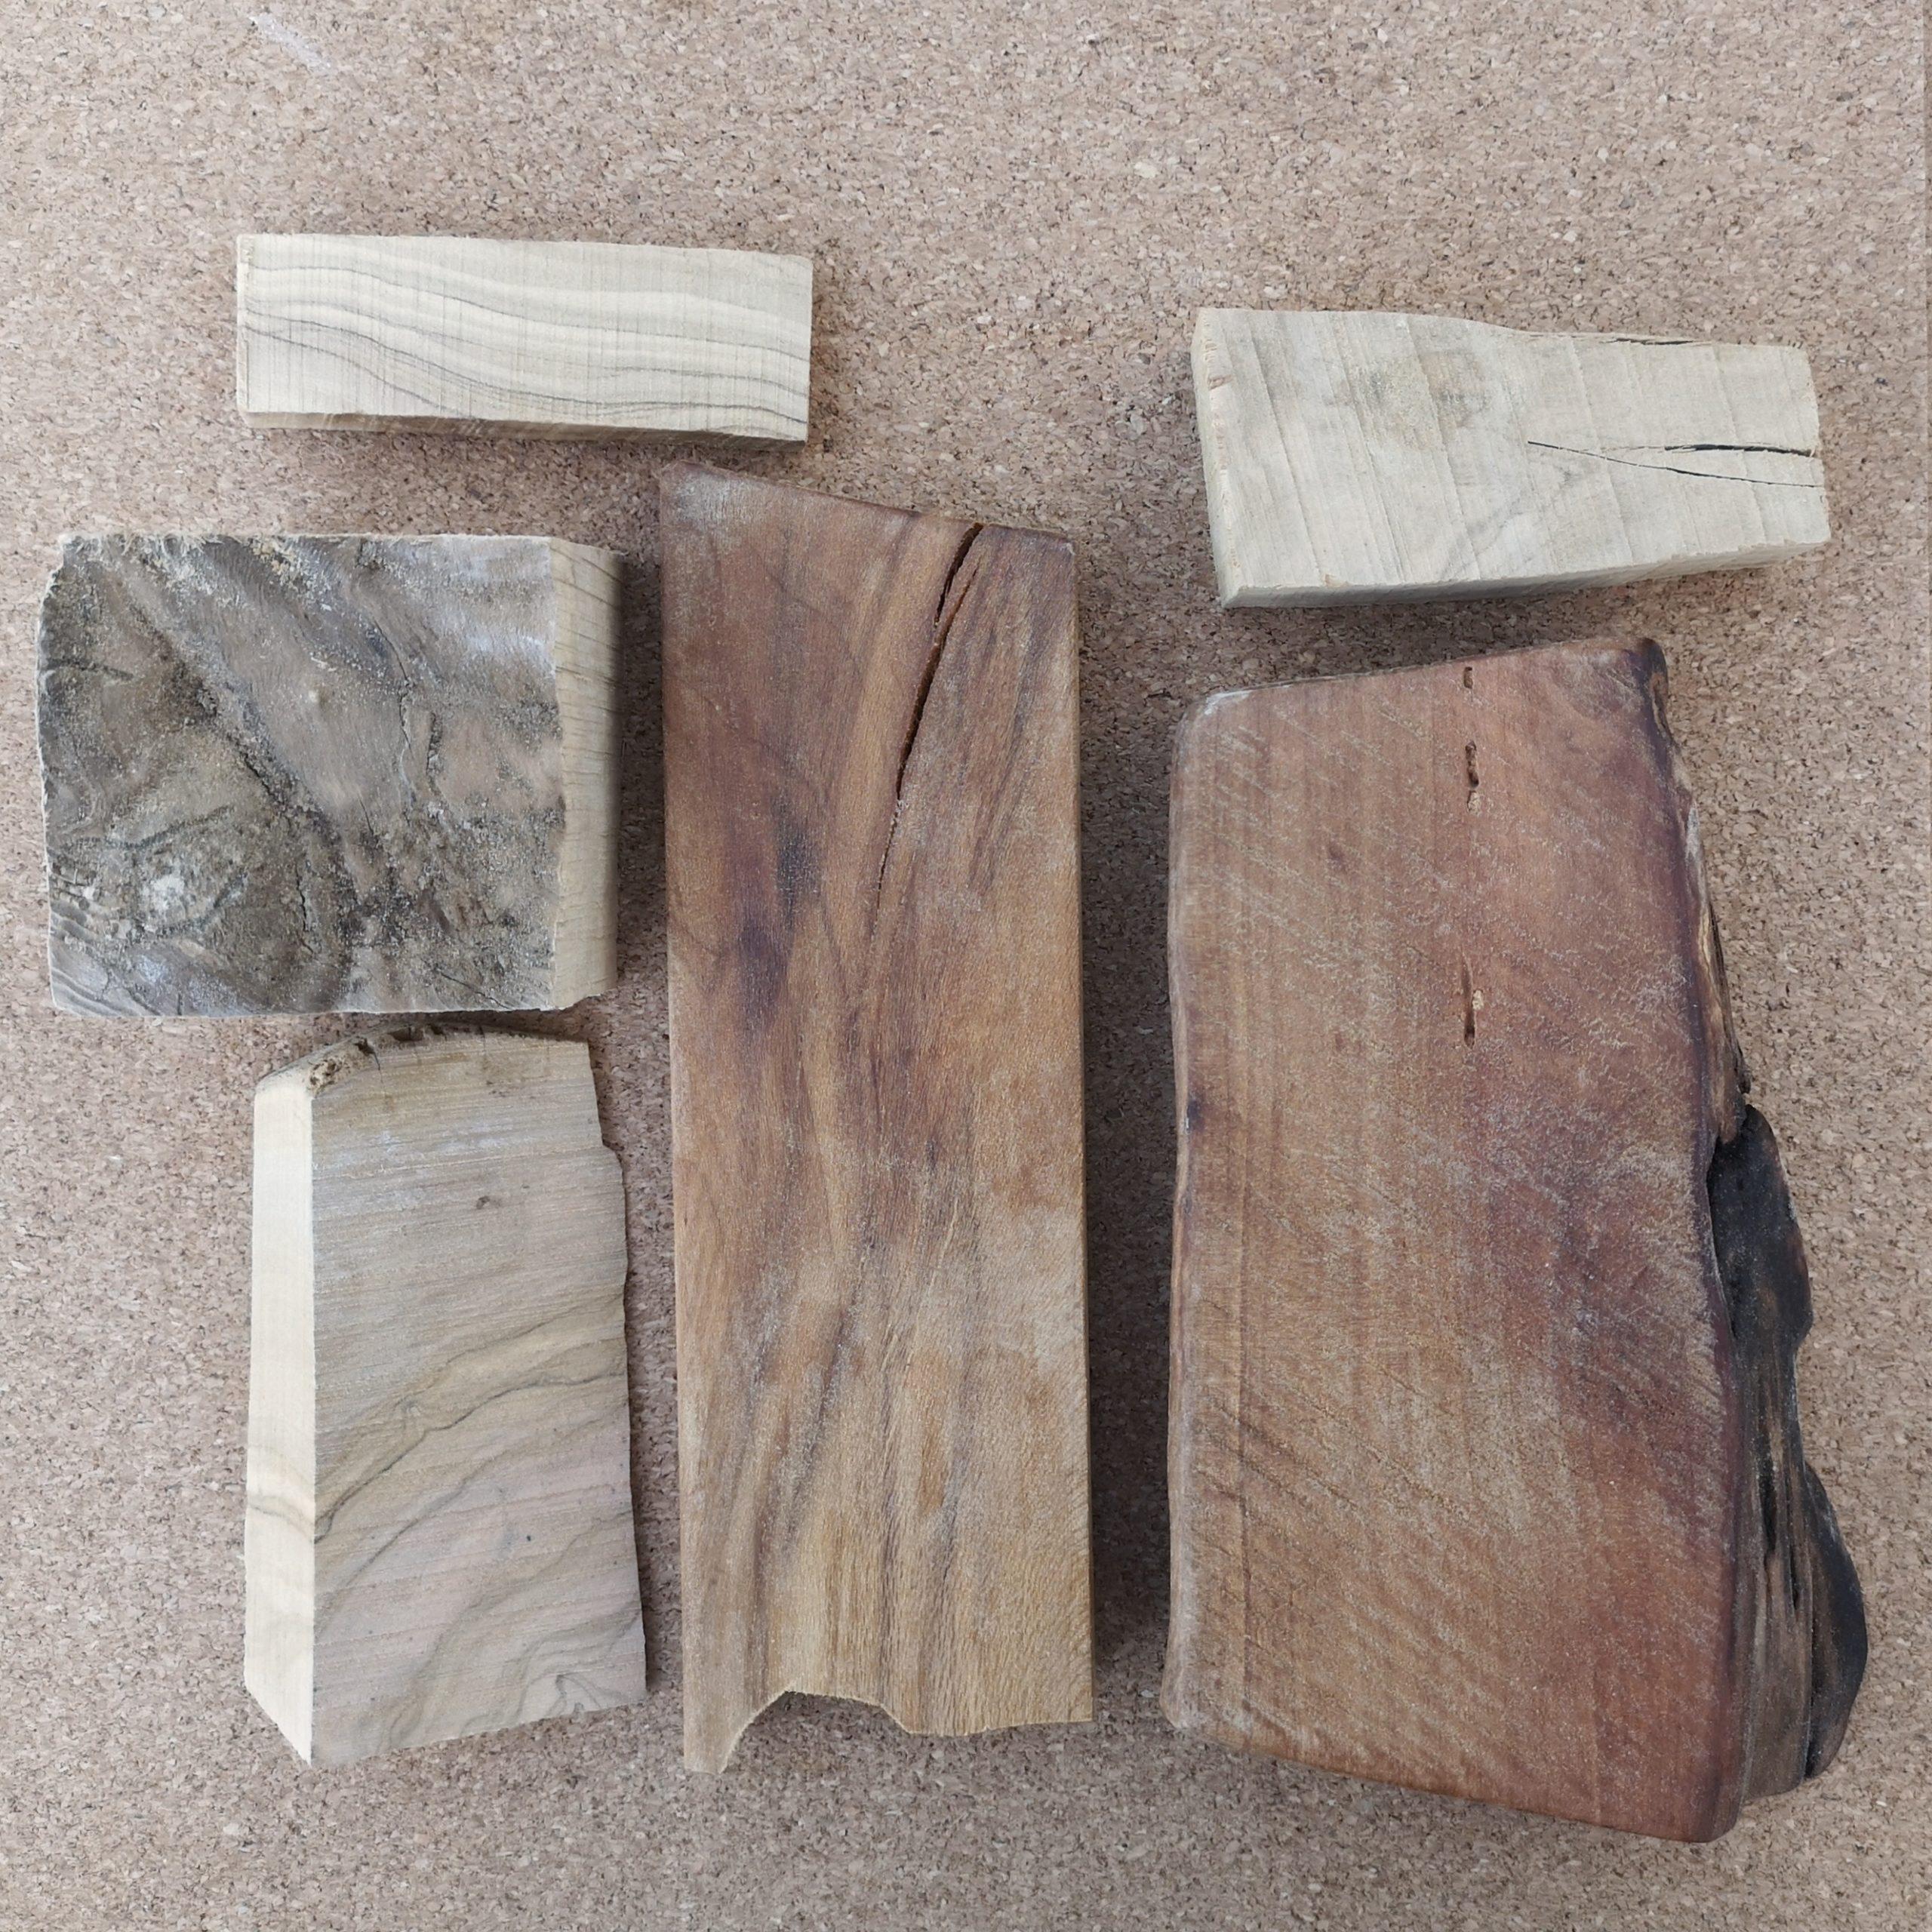 Holz für Schmuck und Dackel